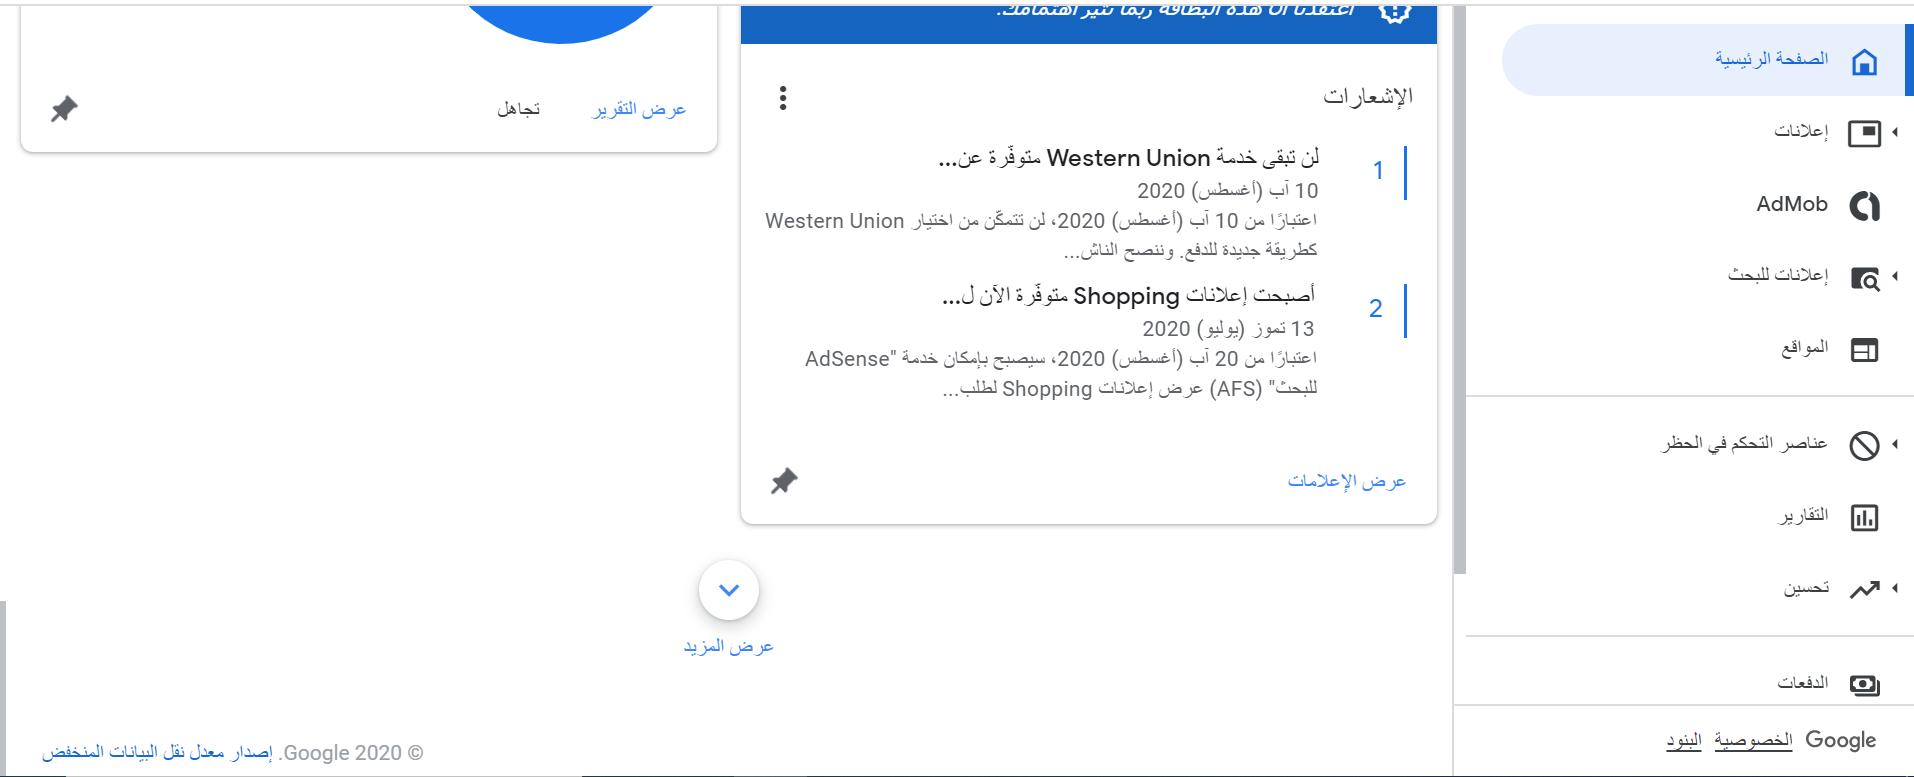 تحديث جديد ، Google Adsense ، توقف عن التعامل مع Western Union لإرسال مدفوعات الأرباح